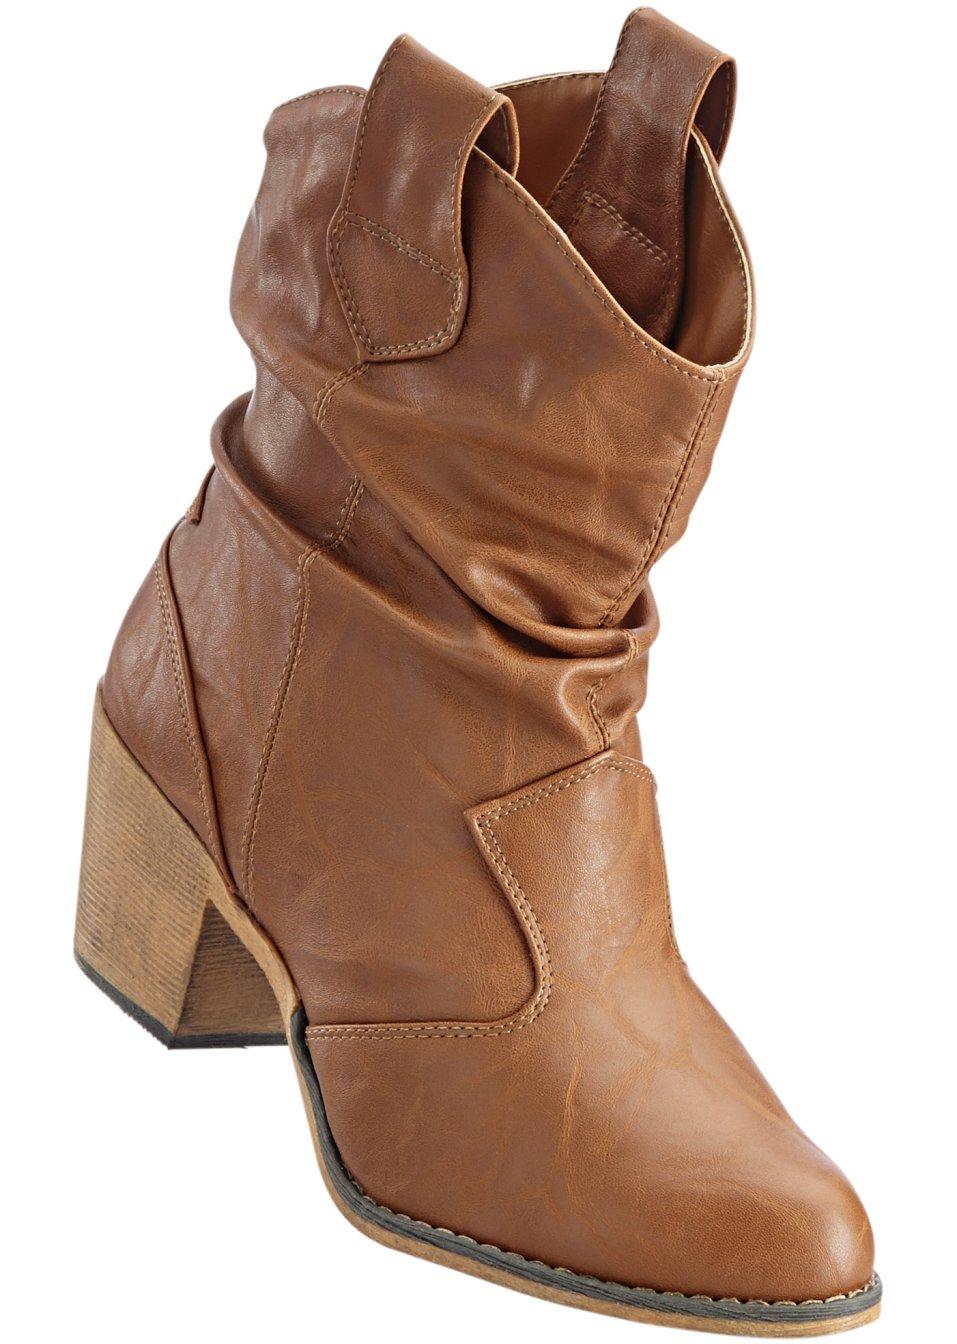 Schwarz Cowboy Stiefel Kunstleder Block-Absatz Größe 37 M596Y1z8